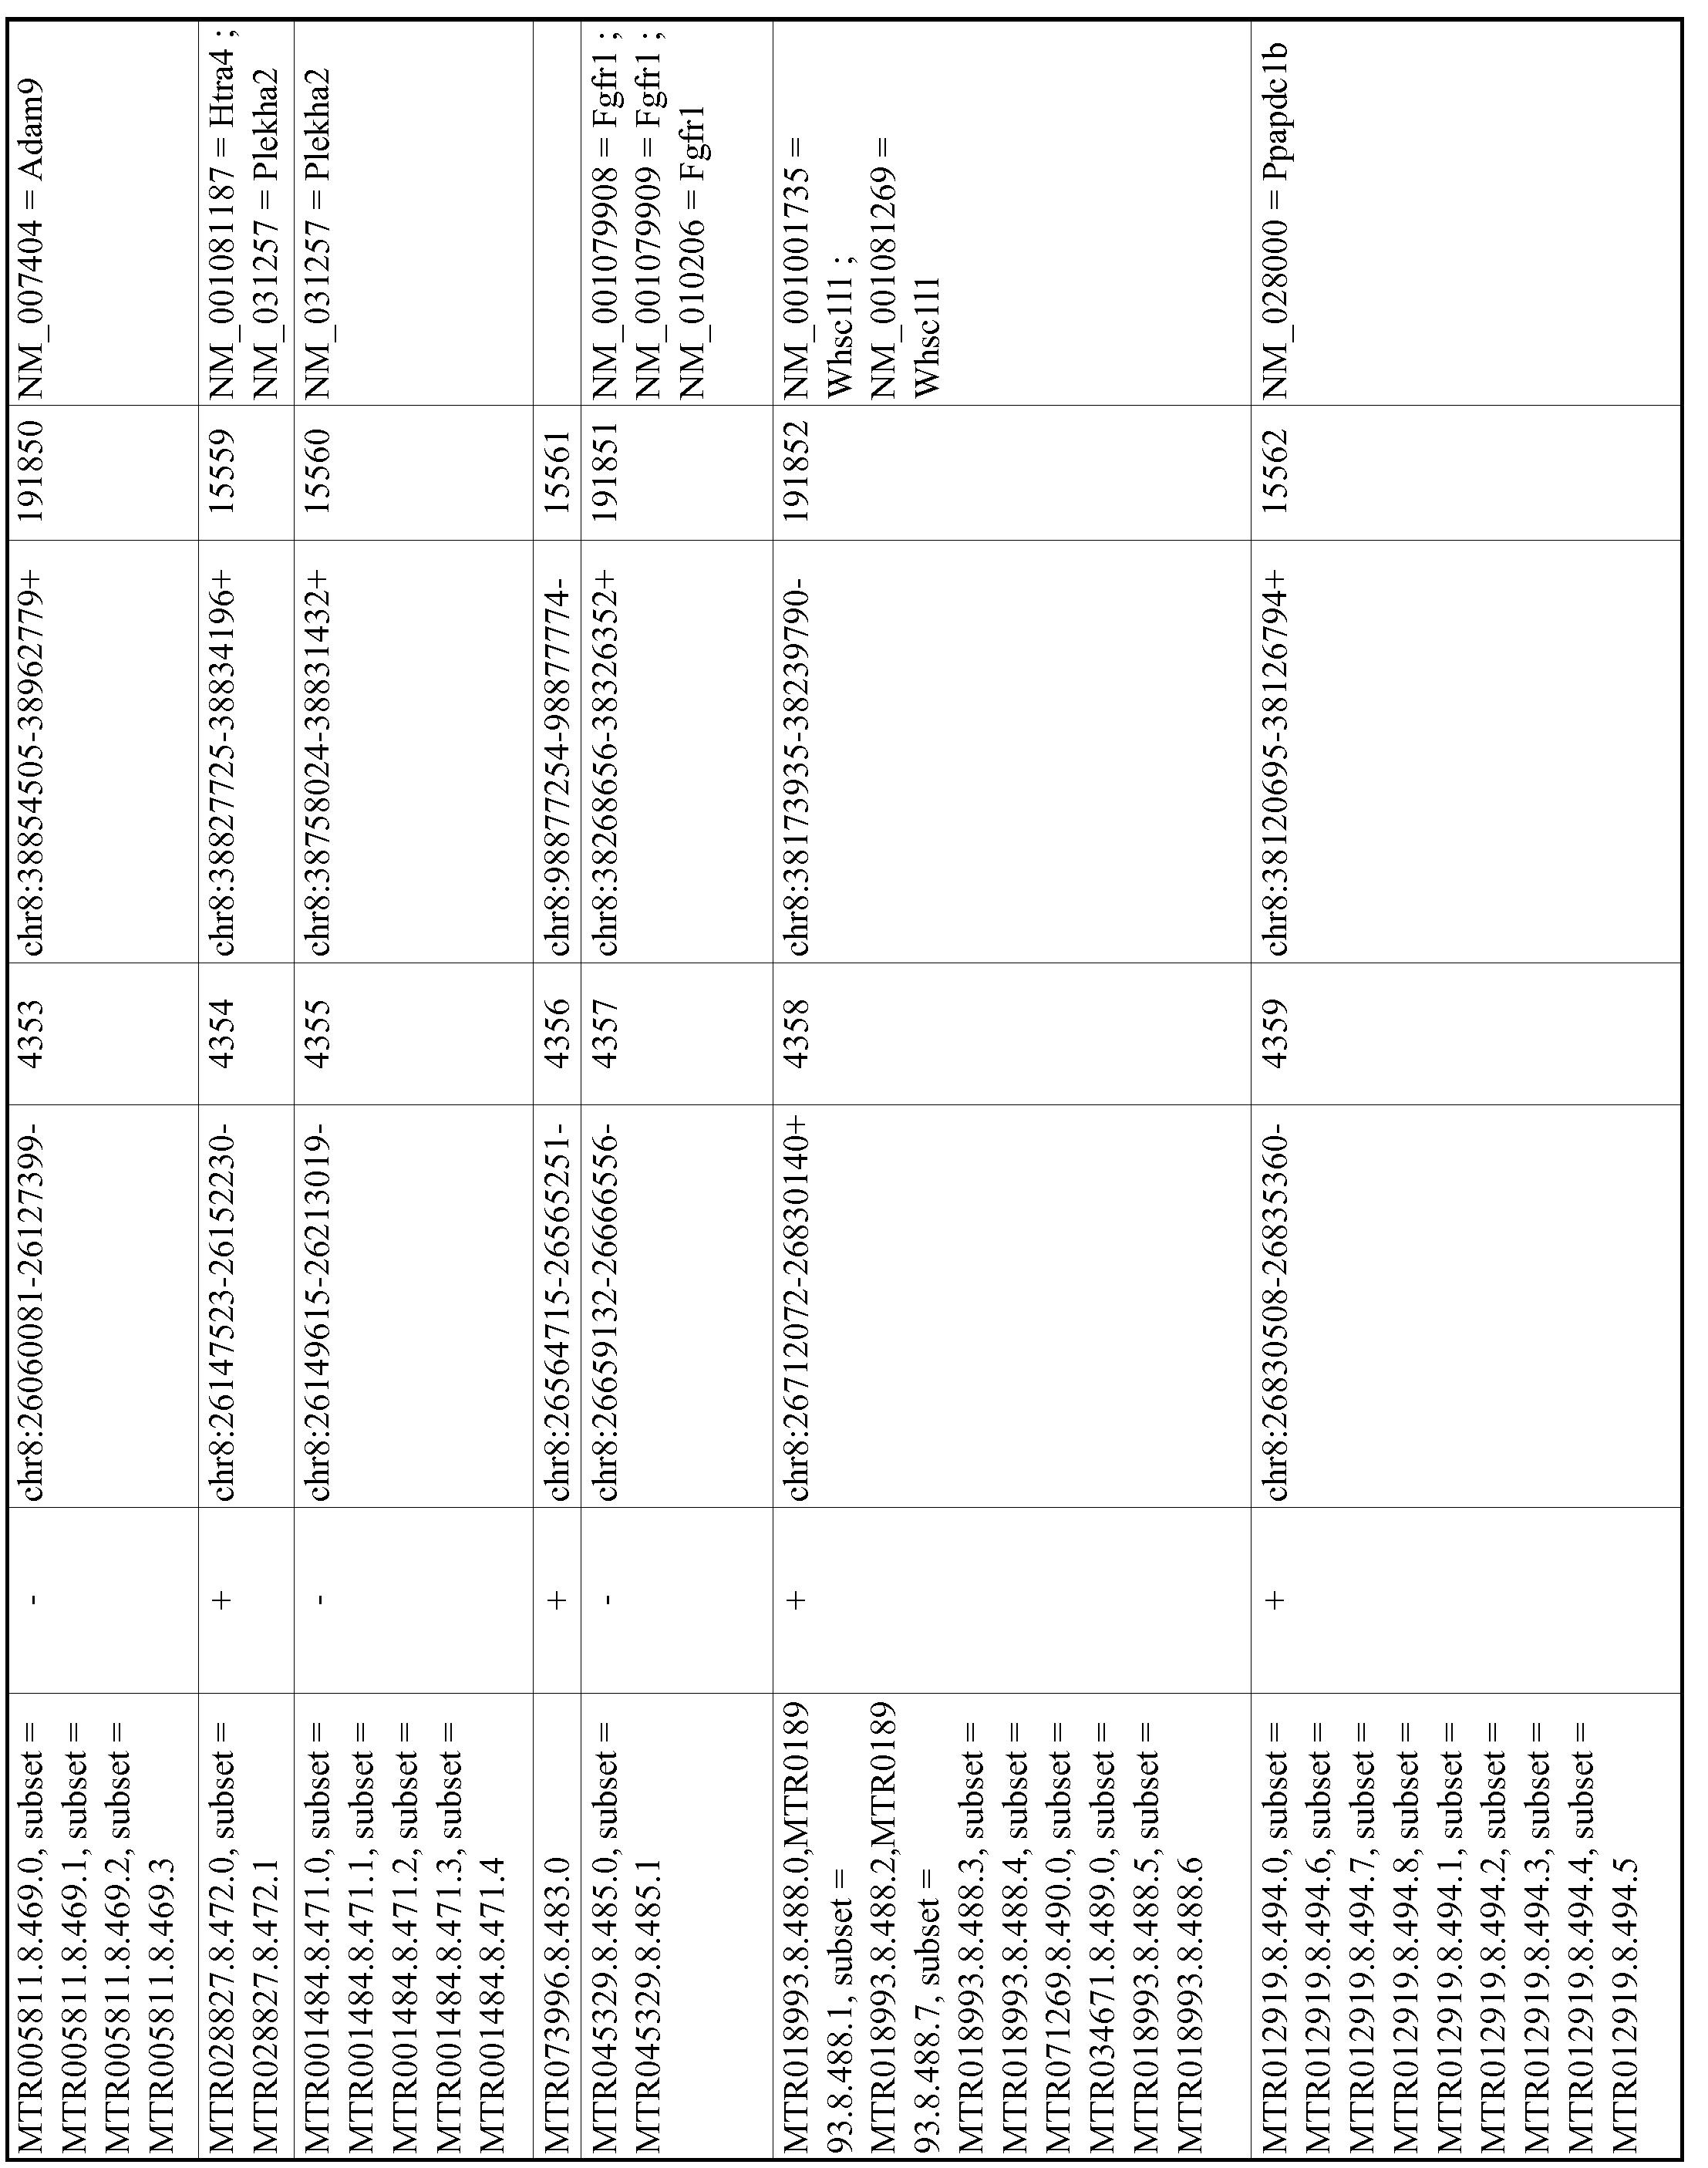 Figure imgf000817_0001